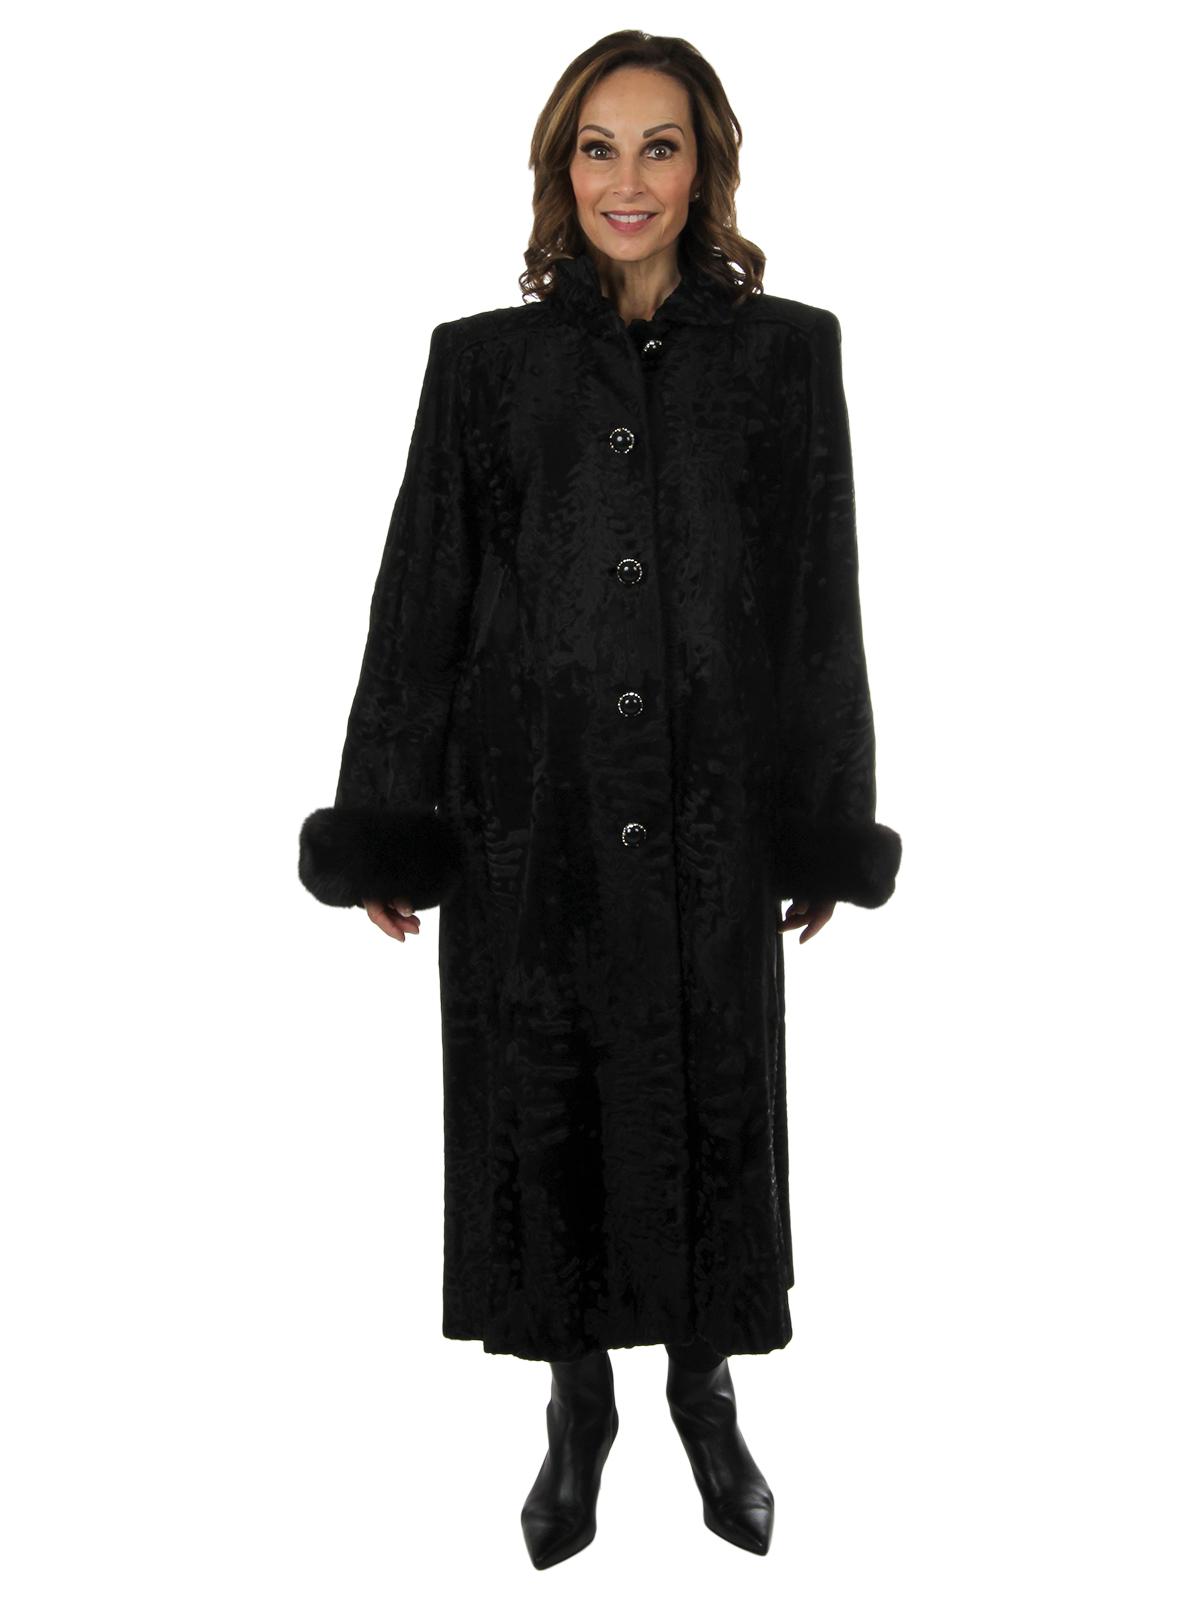 Woman's Black Swakara Lamb Fur Coat with Fox Cuffs